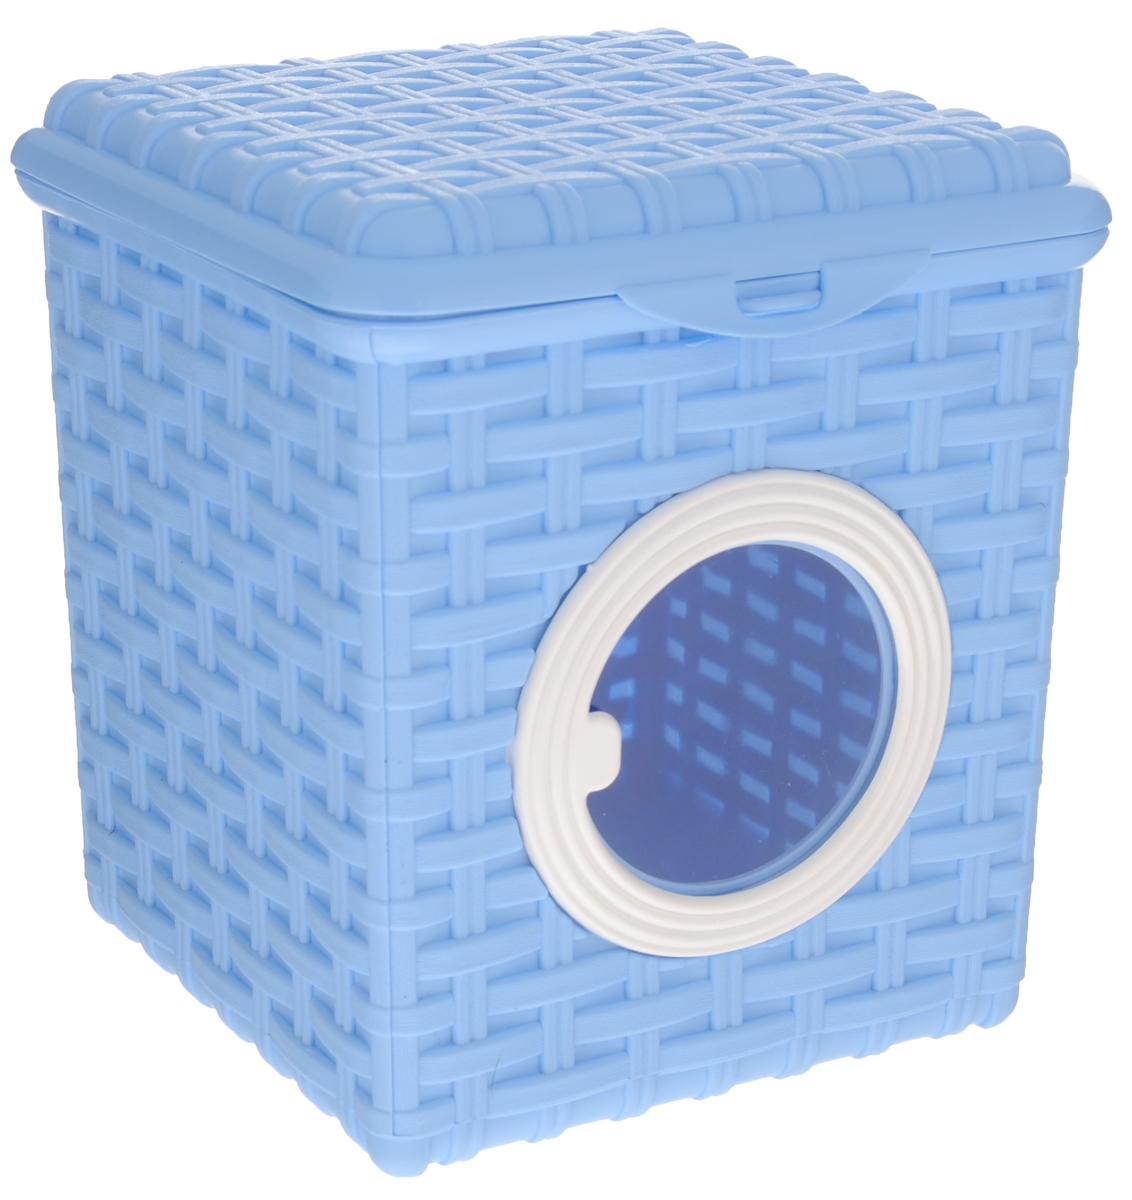 Контейнер для мелочей Violet, цвет: голубой, 18 см х 18,5 см х 14,5 см10503Контейнер Violet изготовлен из прочного пластика и оформлен плетением под корзинку. Контейнер имеет прозрачное пластиковое окошко и откидную крышку, которая закрывается на защелку. Контейнер Violet идеально подойдет для хранения различных мелочей.Объем: 3 л.